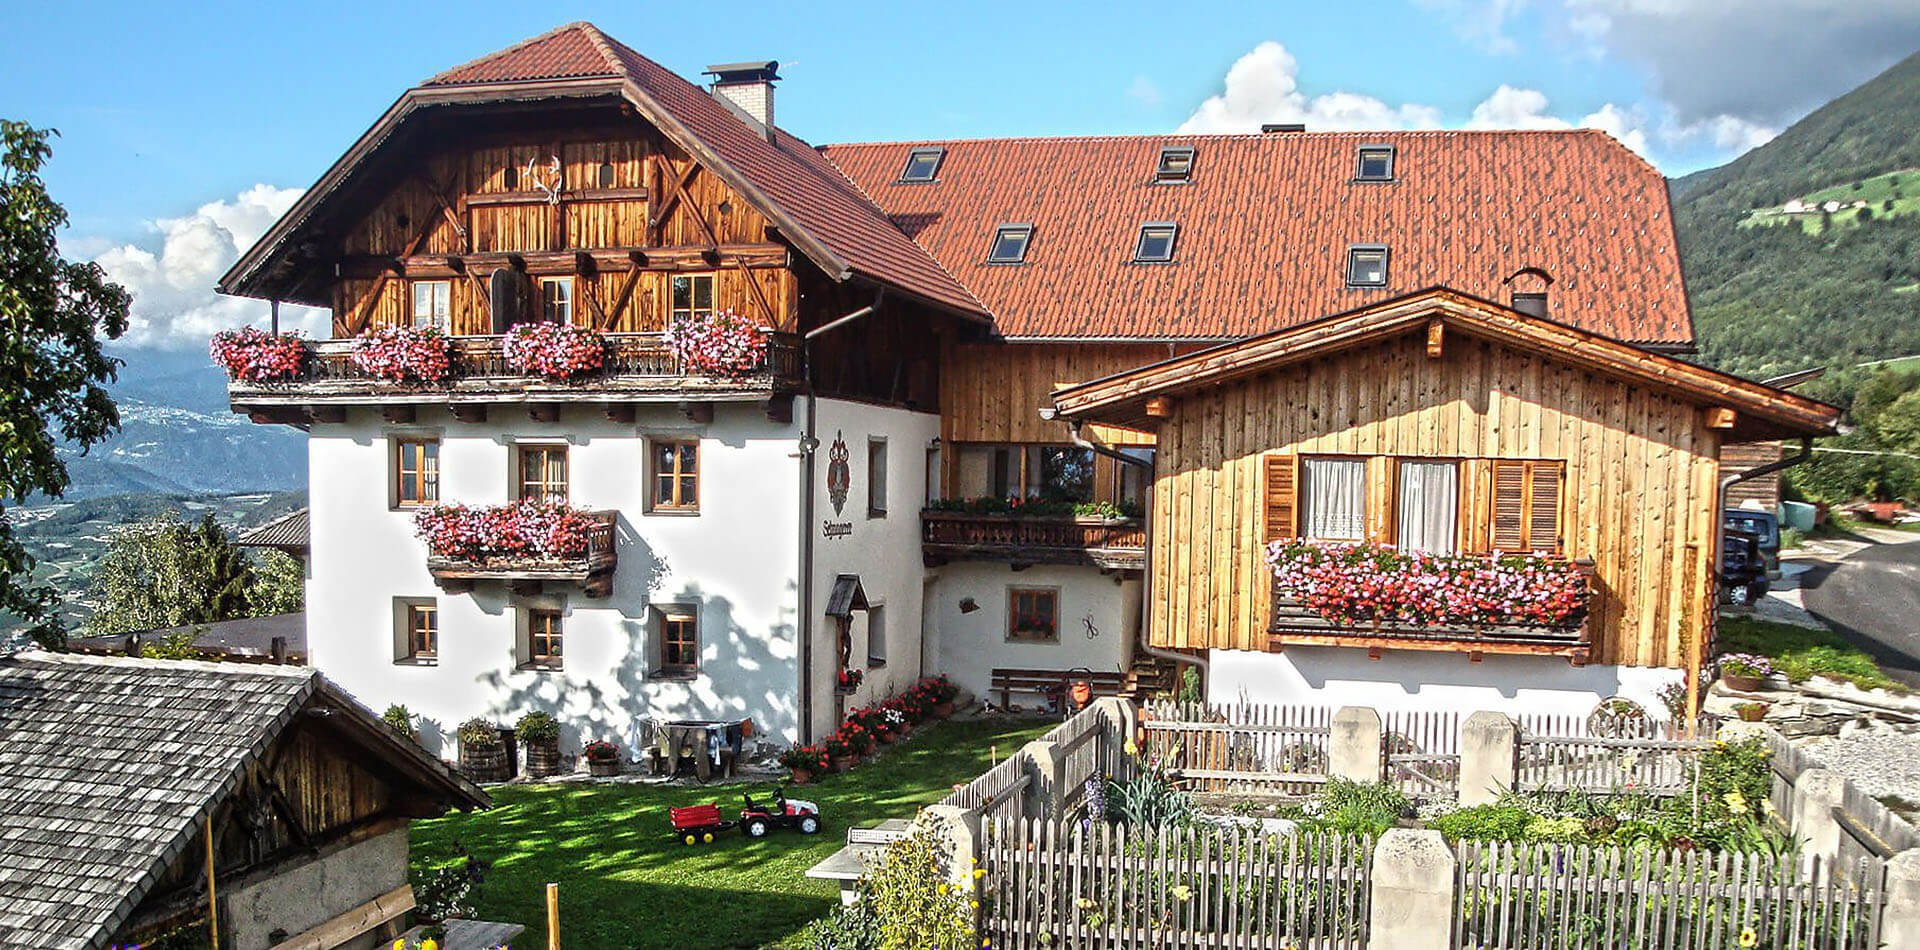 Schnagererhof Mellaun - Urlaub auf dem Bauernhof in Brixen/Südtirol